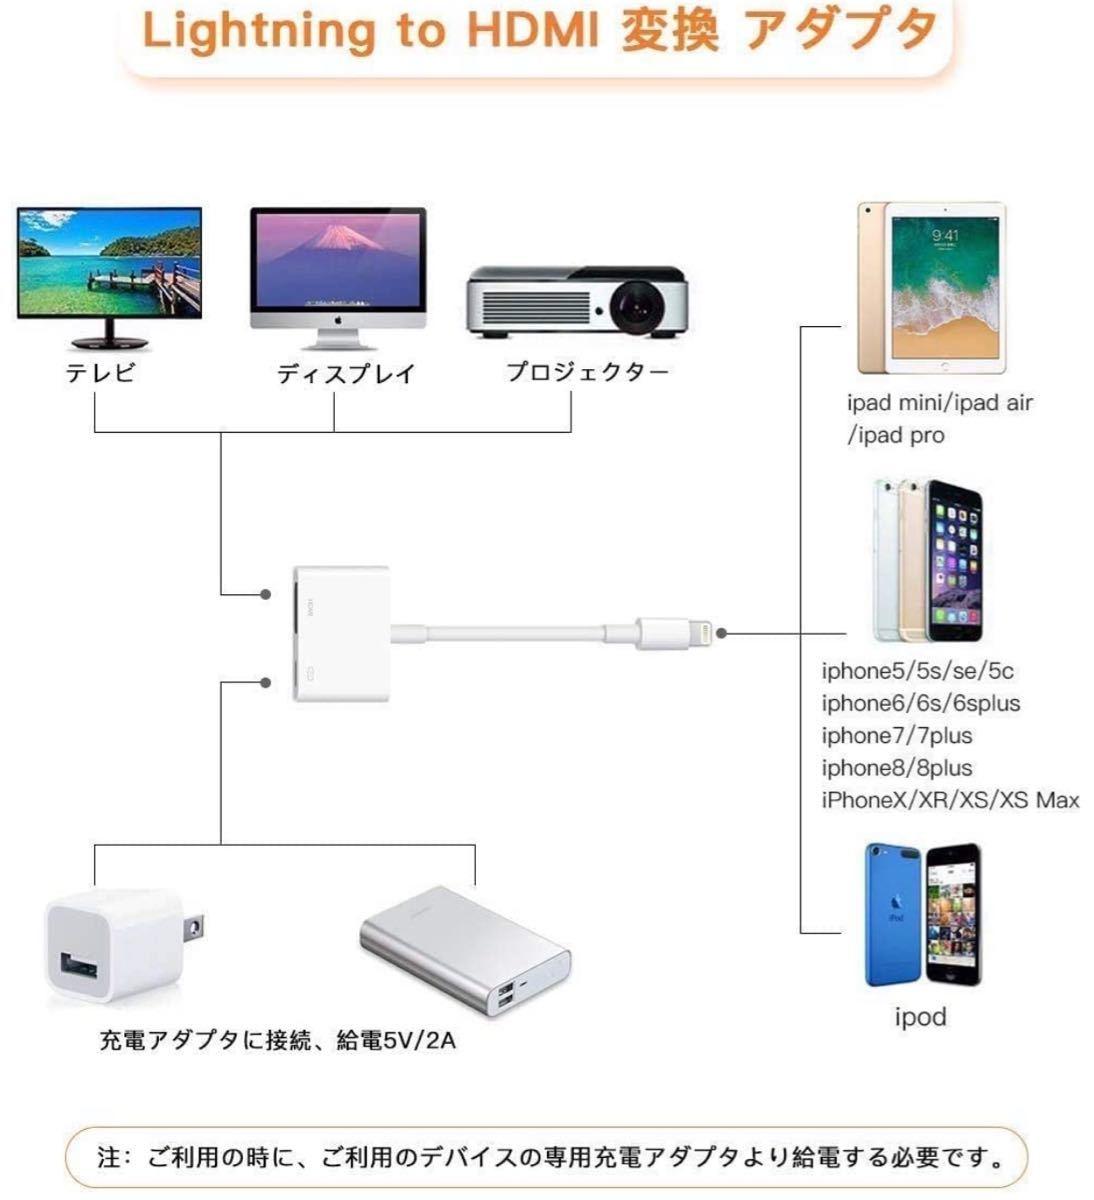 iPhone HDMI 変換アダプタ ライトニング 接続ケーブル アダプタ HDMIケーブル Lightning HDMI変換